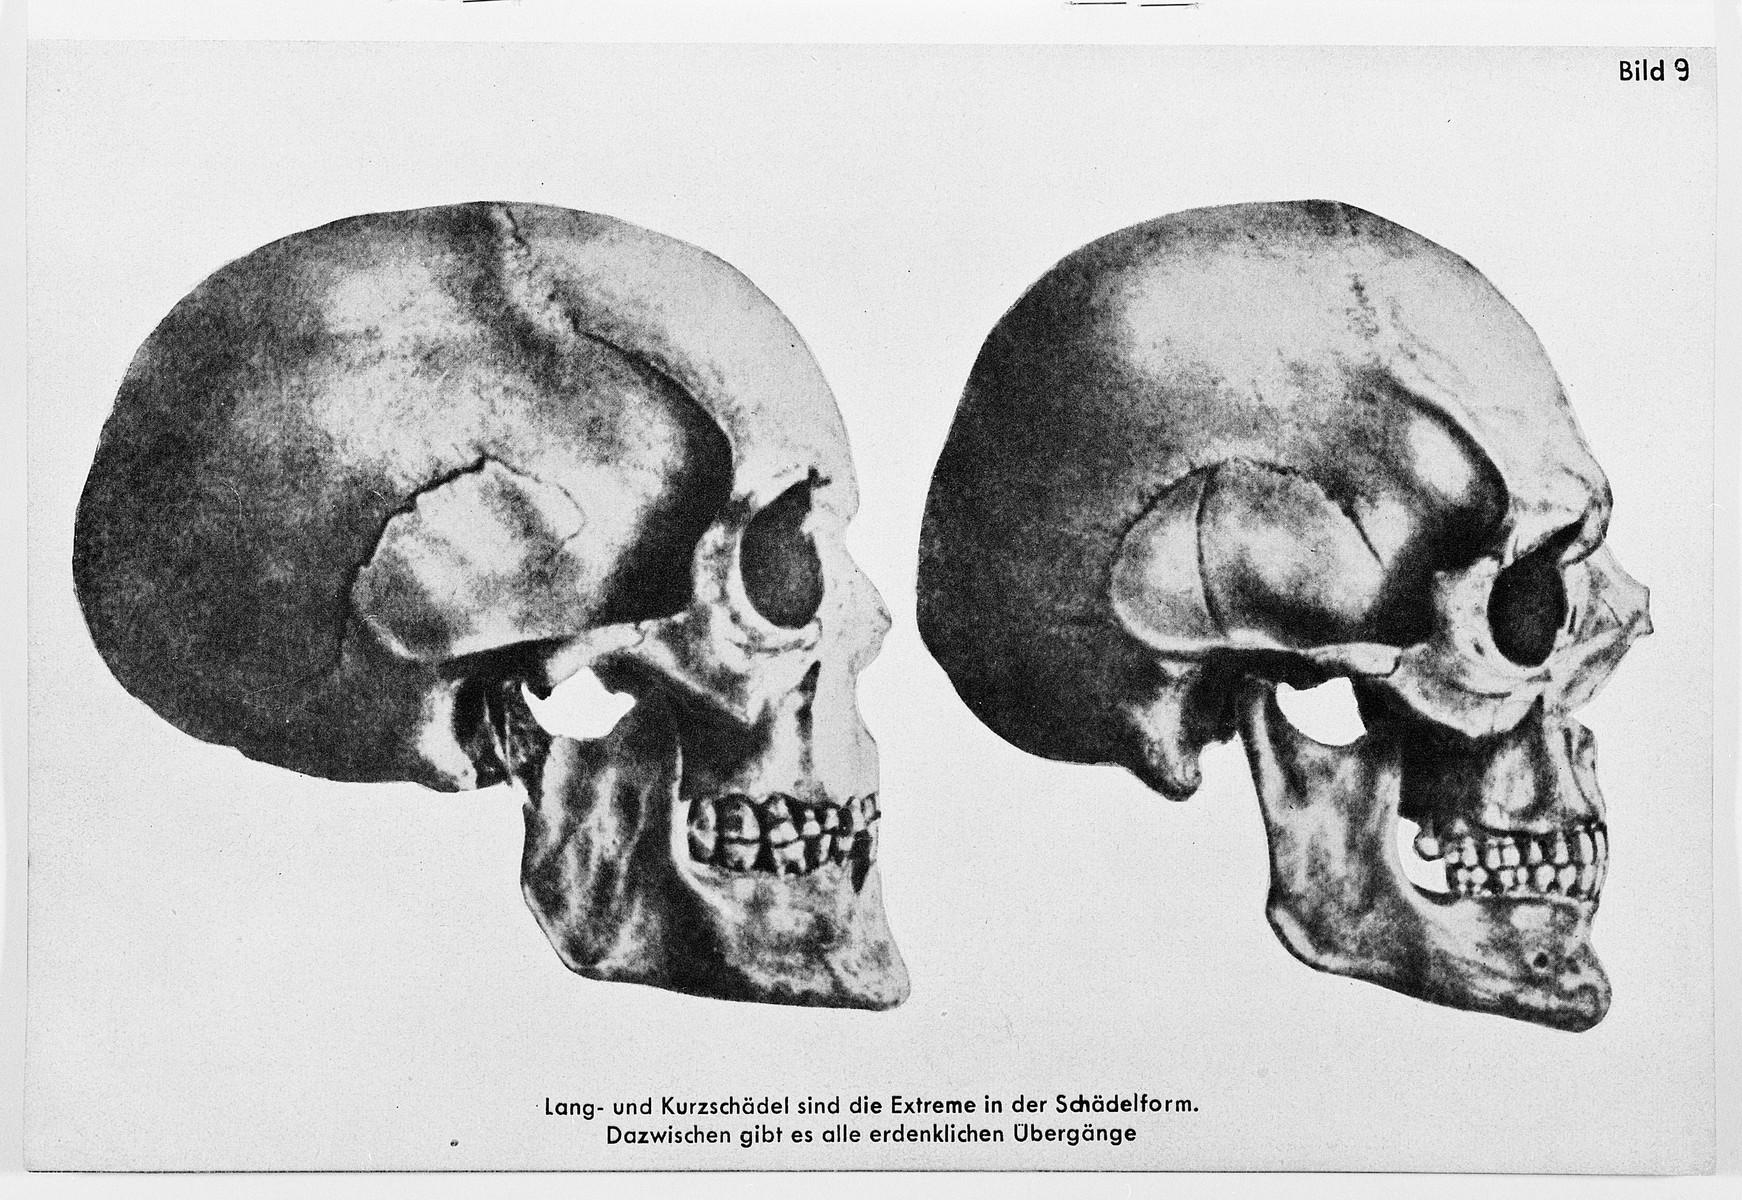 Racial portraits of different skulls.